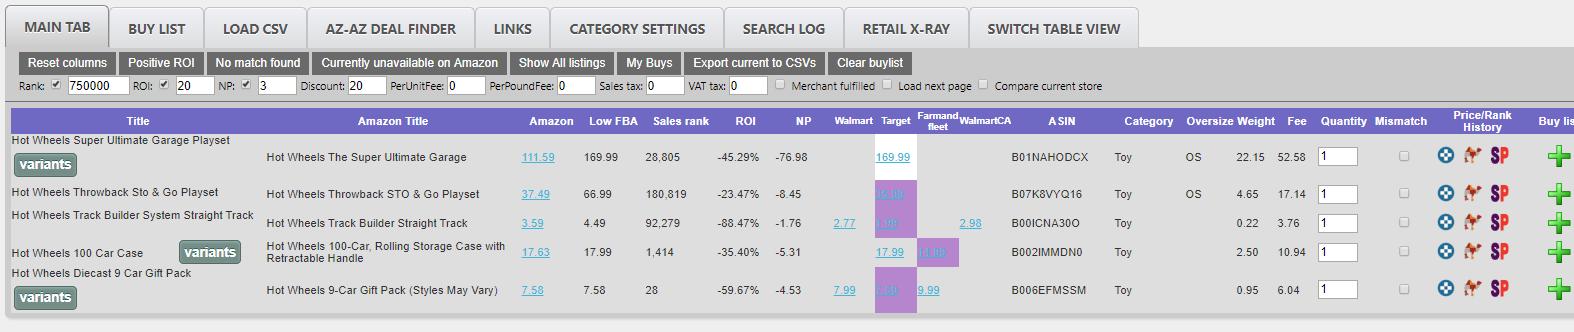 OAXray results, OAXray vs. Tactical Arbitrage, SellerEssentials.com